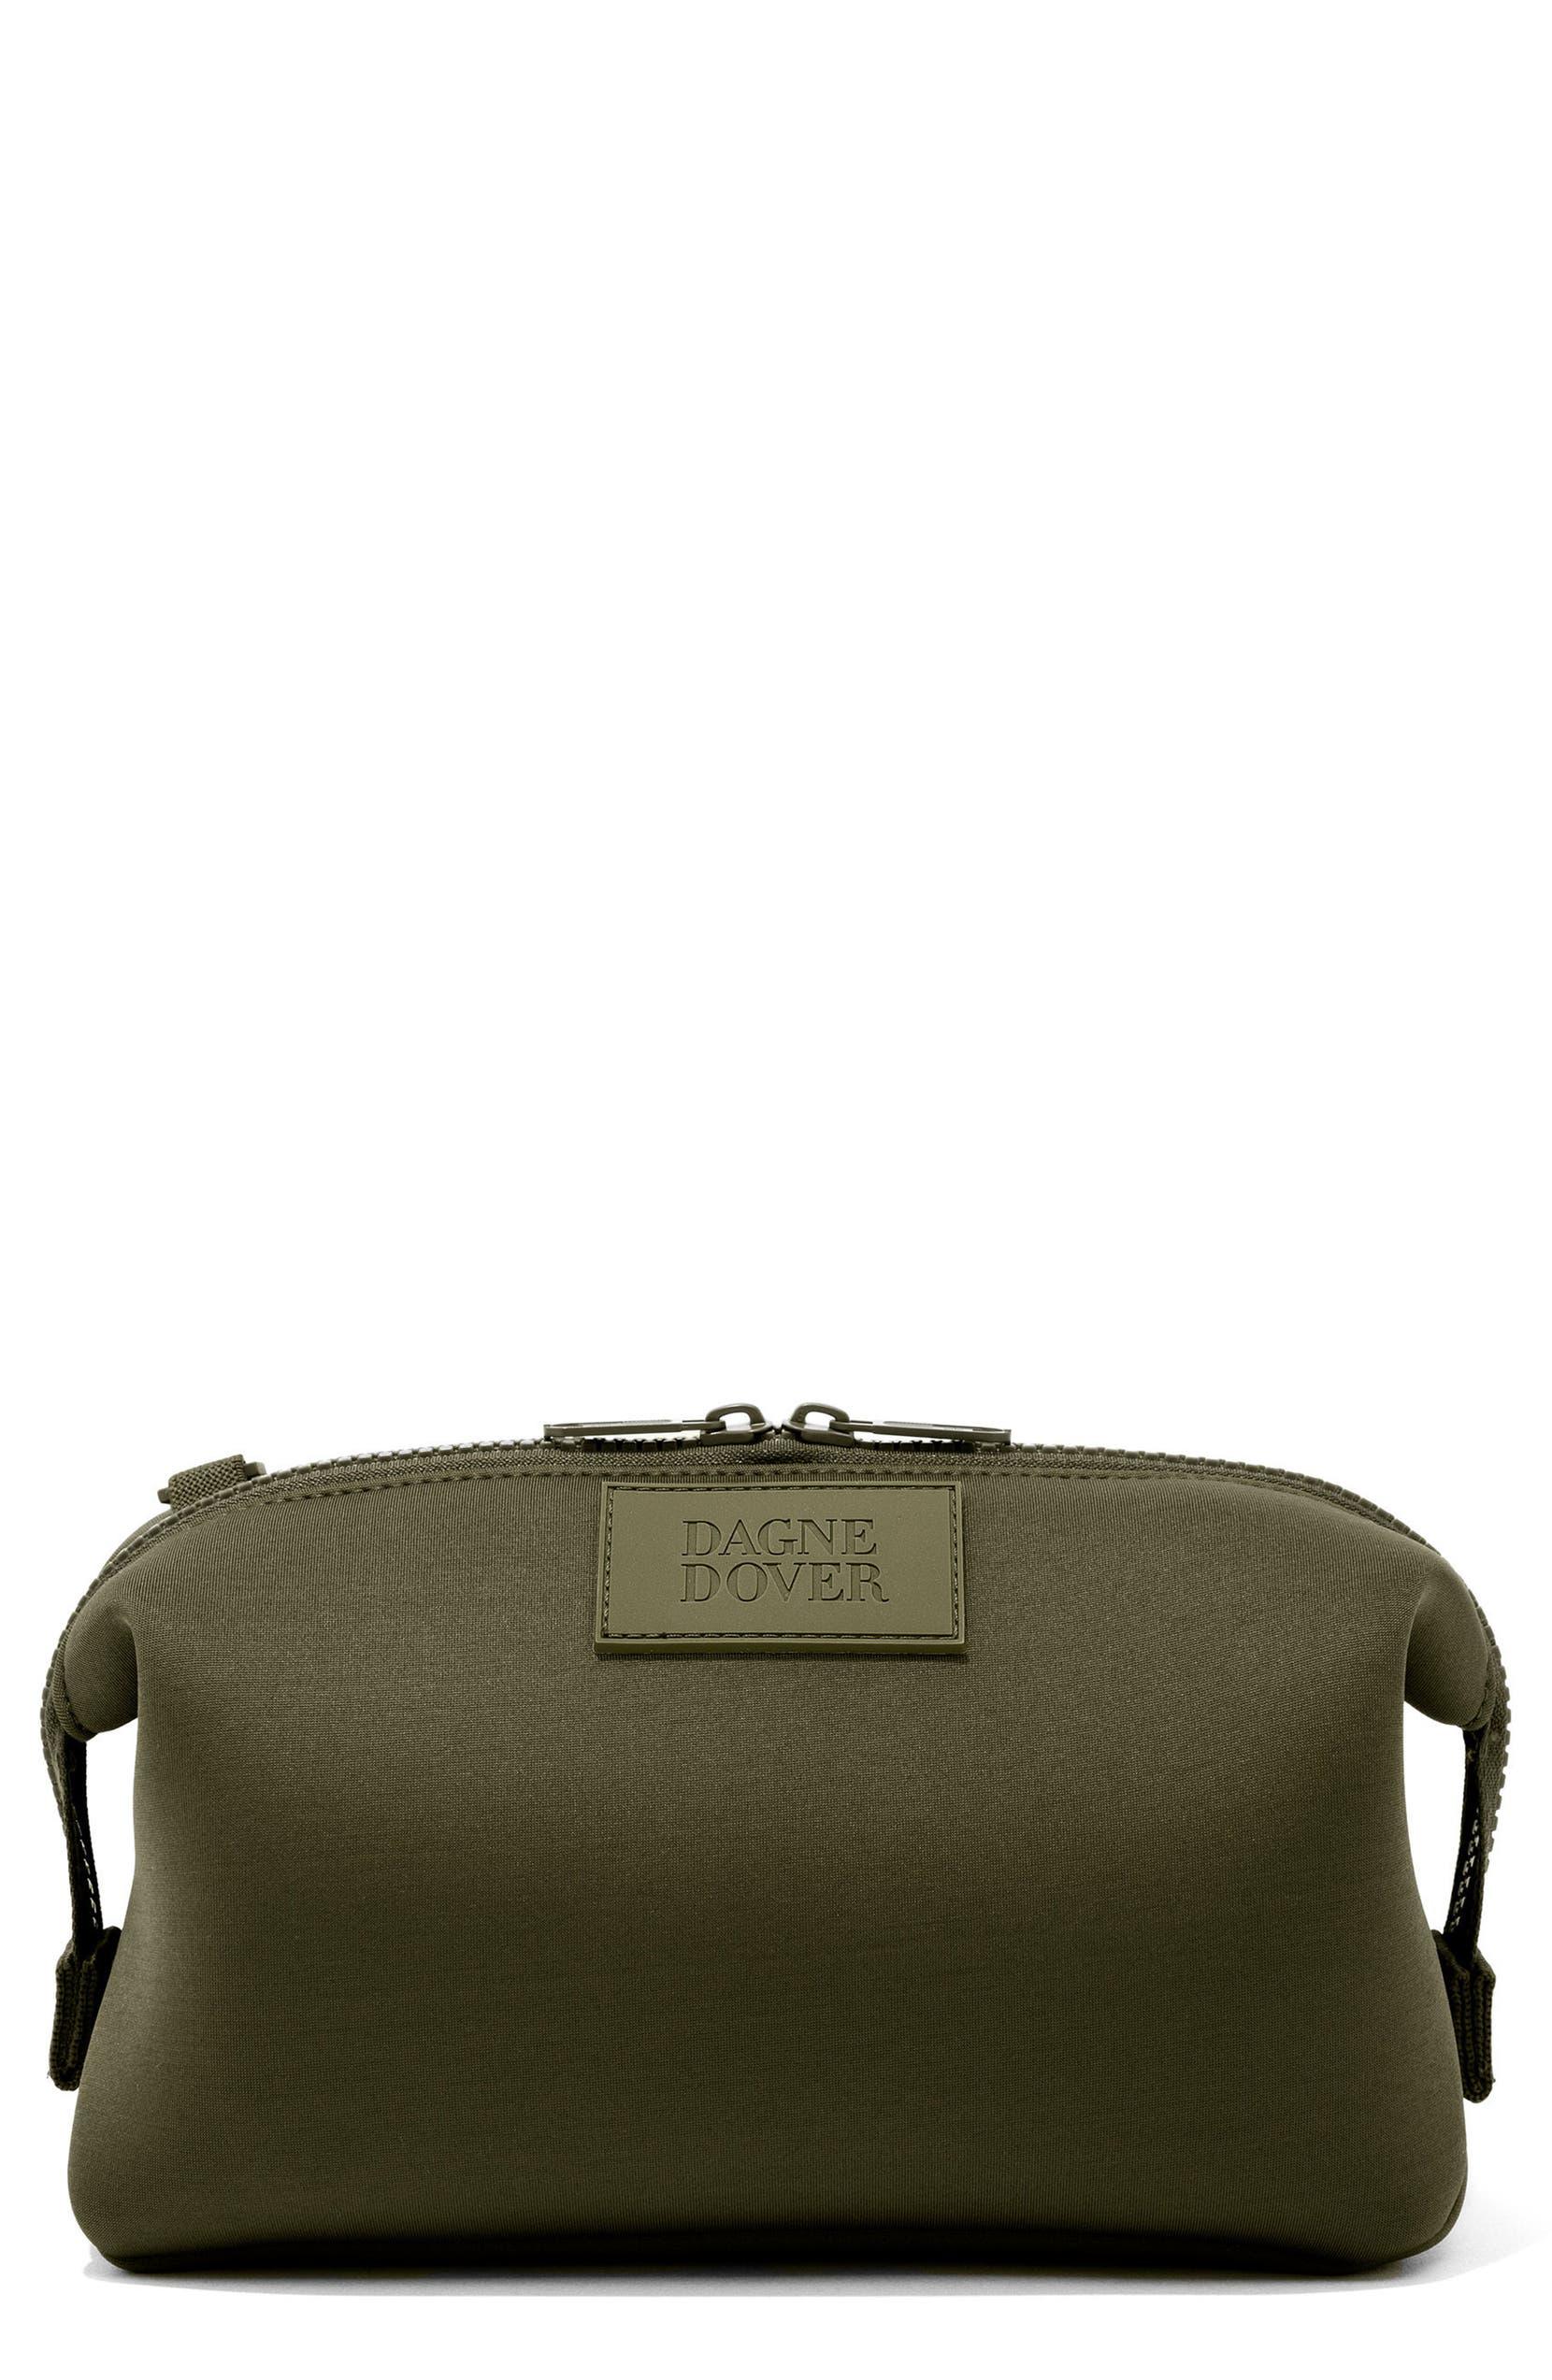 7b0742935d93 Dagne Dover Large Hunter Neoprene Toiletry Bag